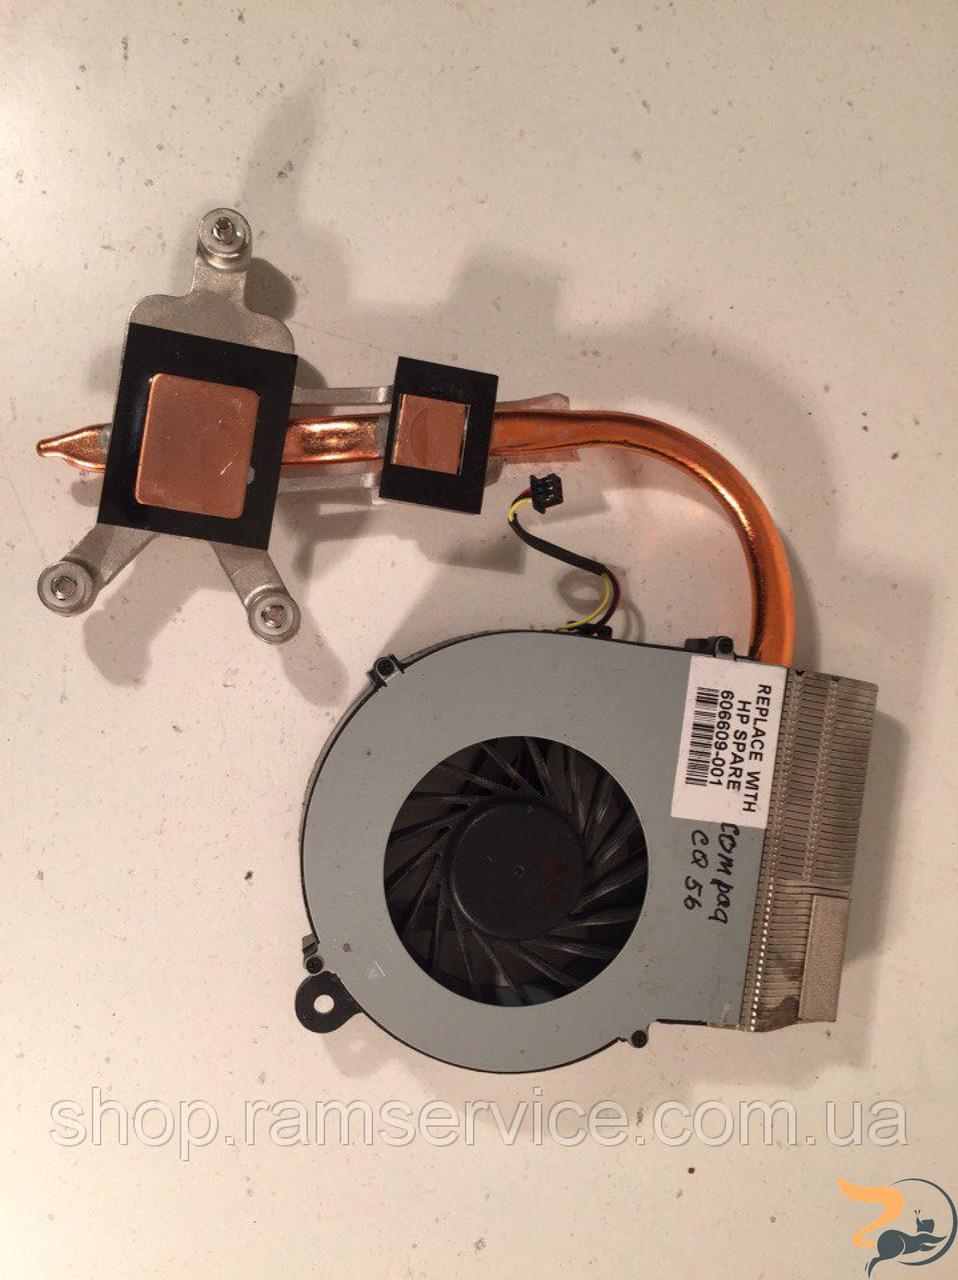 Термотрубка системи охолодження HP Compaq CQ56 *607084-001, 606609-001, б/в